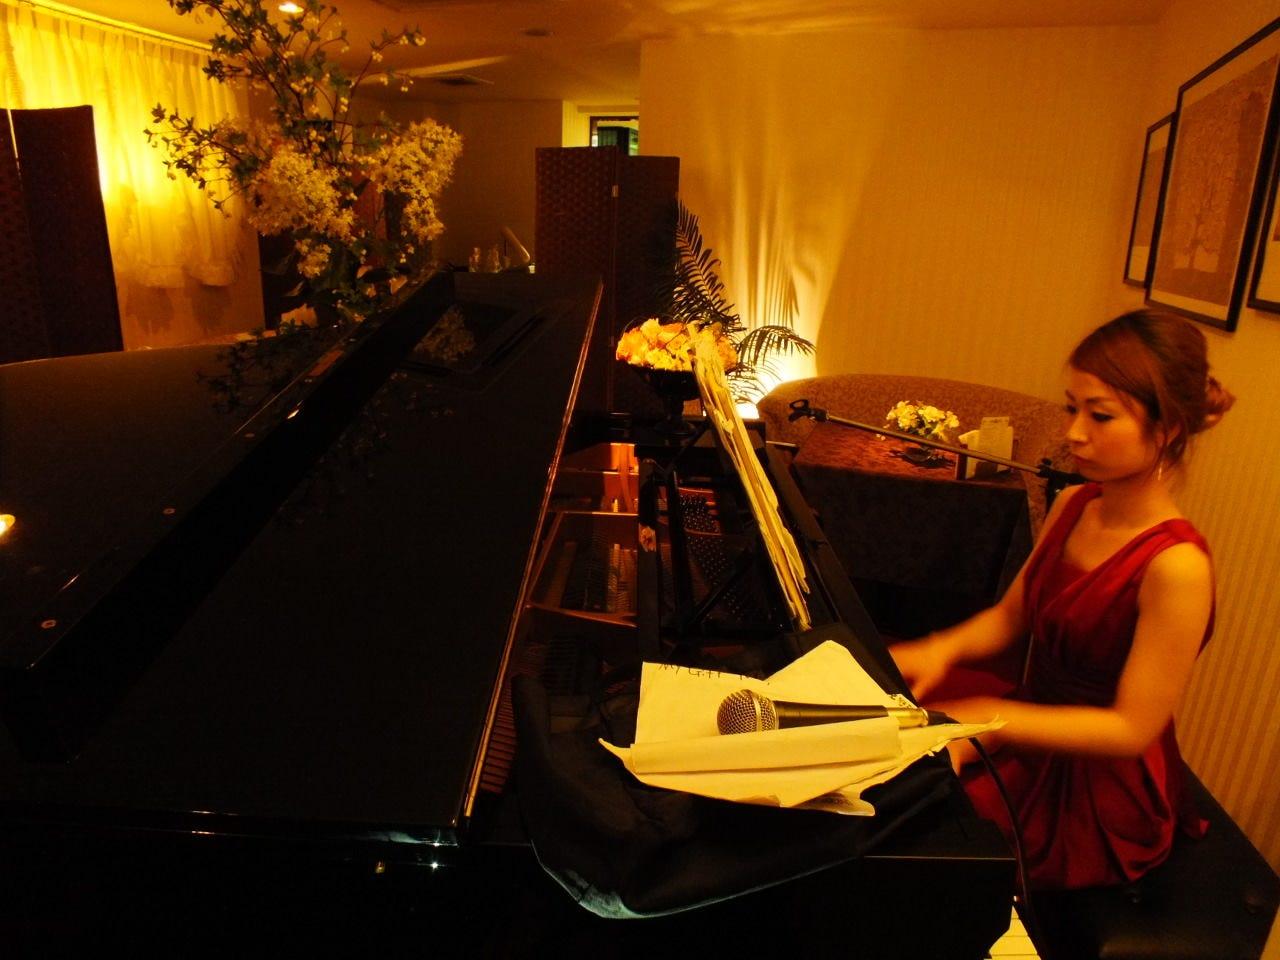 ピアノの旋律に浸りながらのBar使いもおススメ